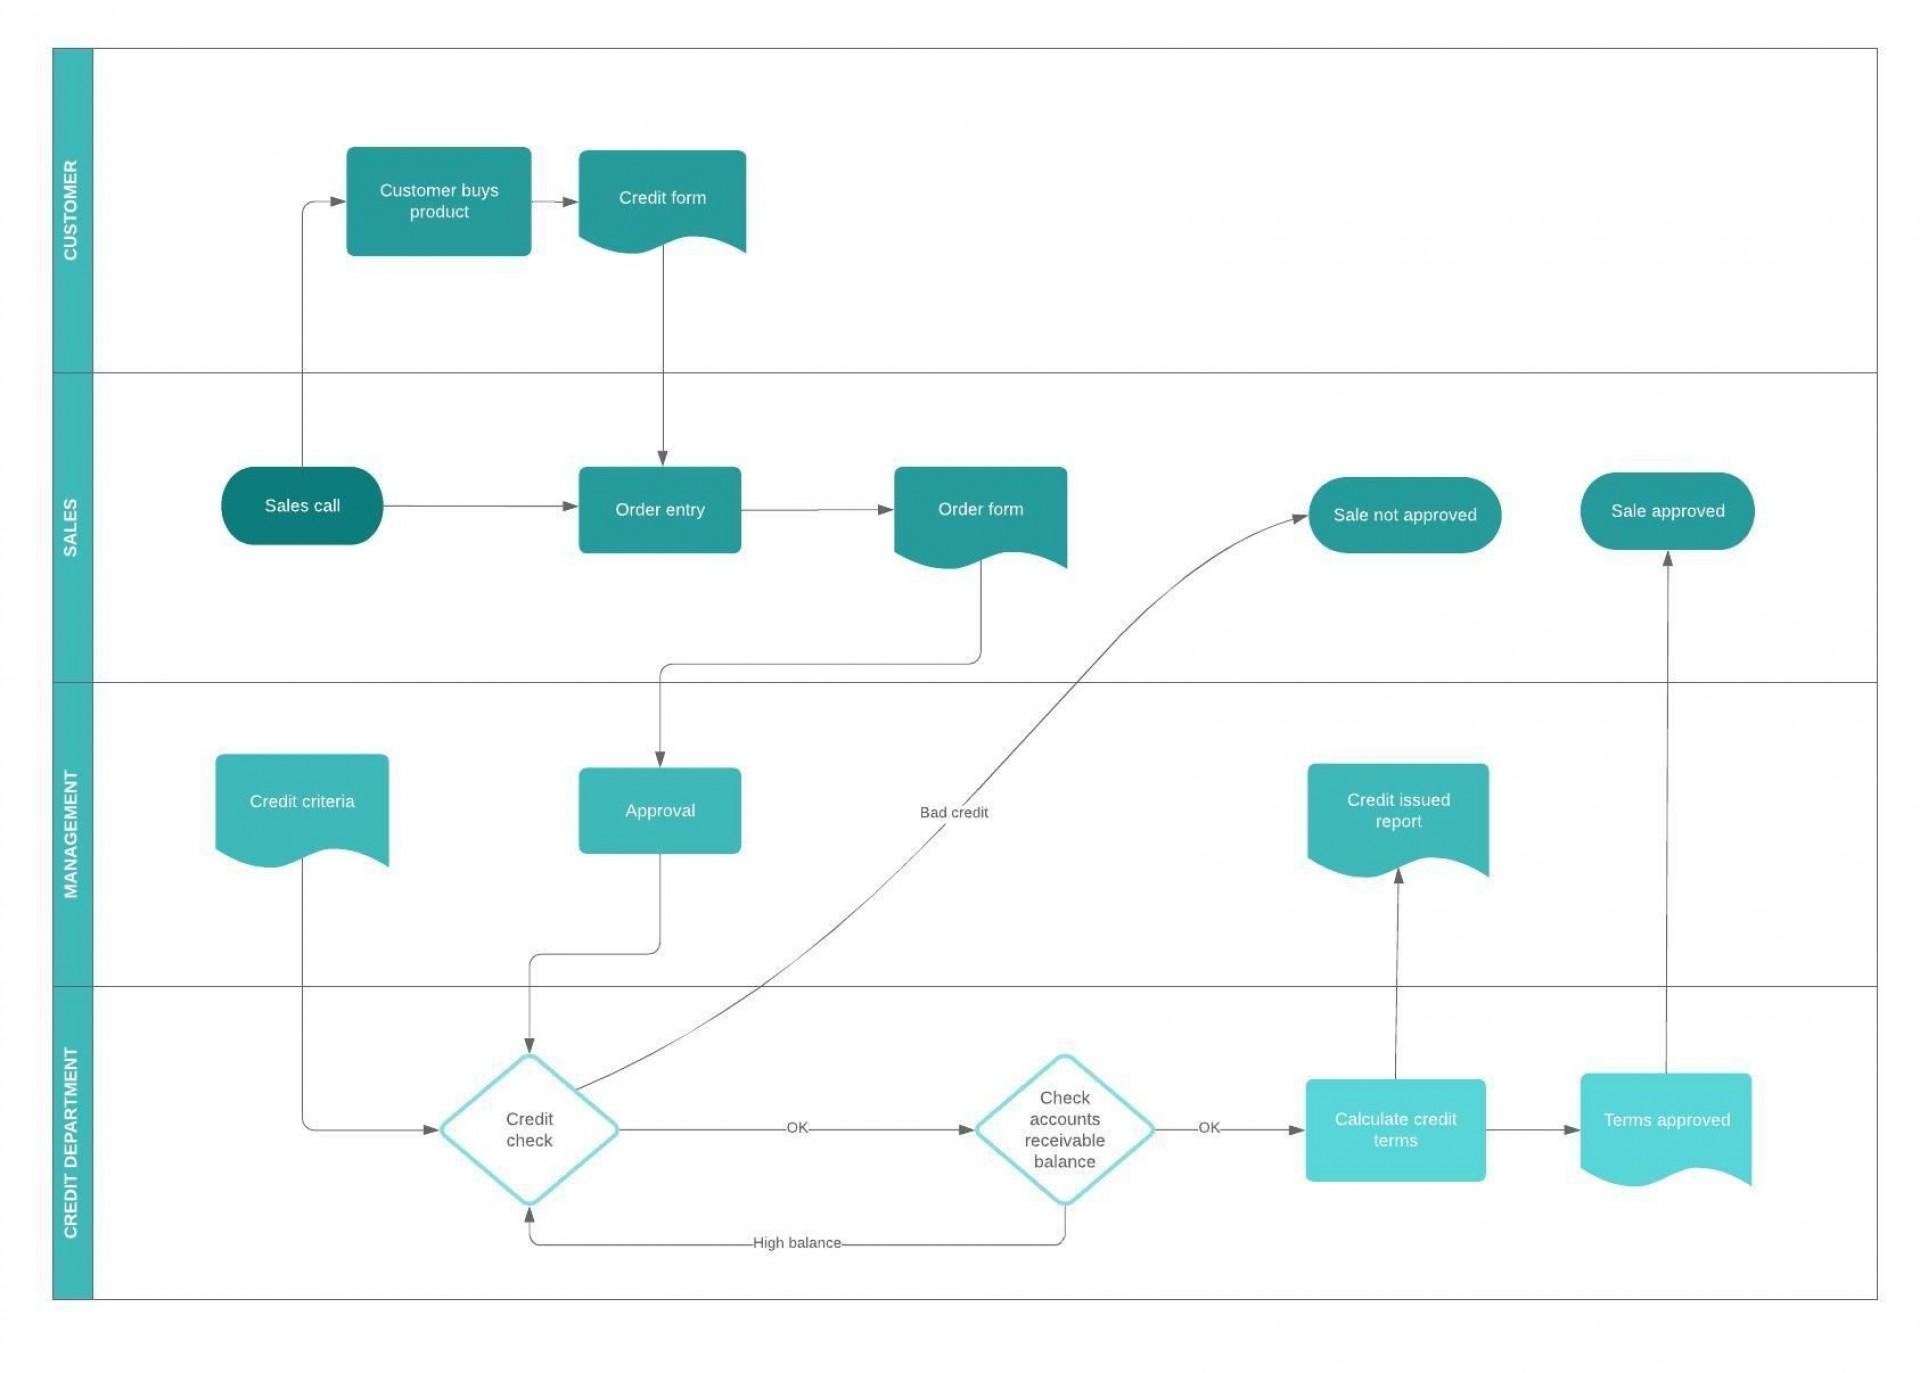 002 Surprising Online Flow Chart Template Image  Flowchart Proces Diagram1920